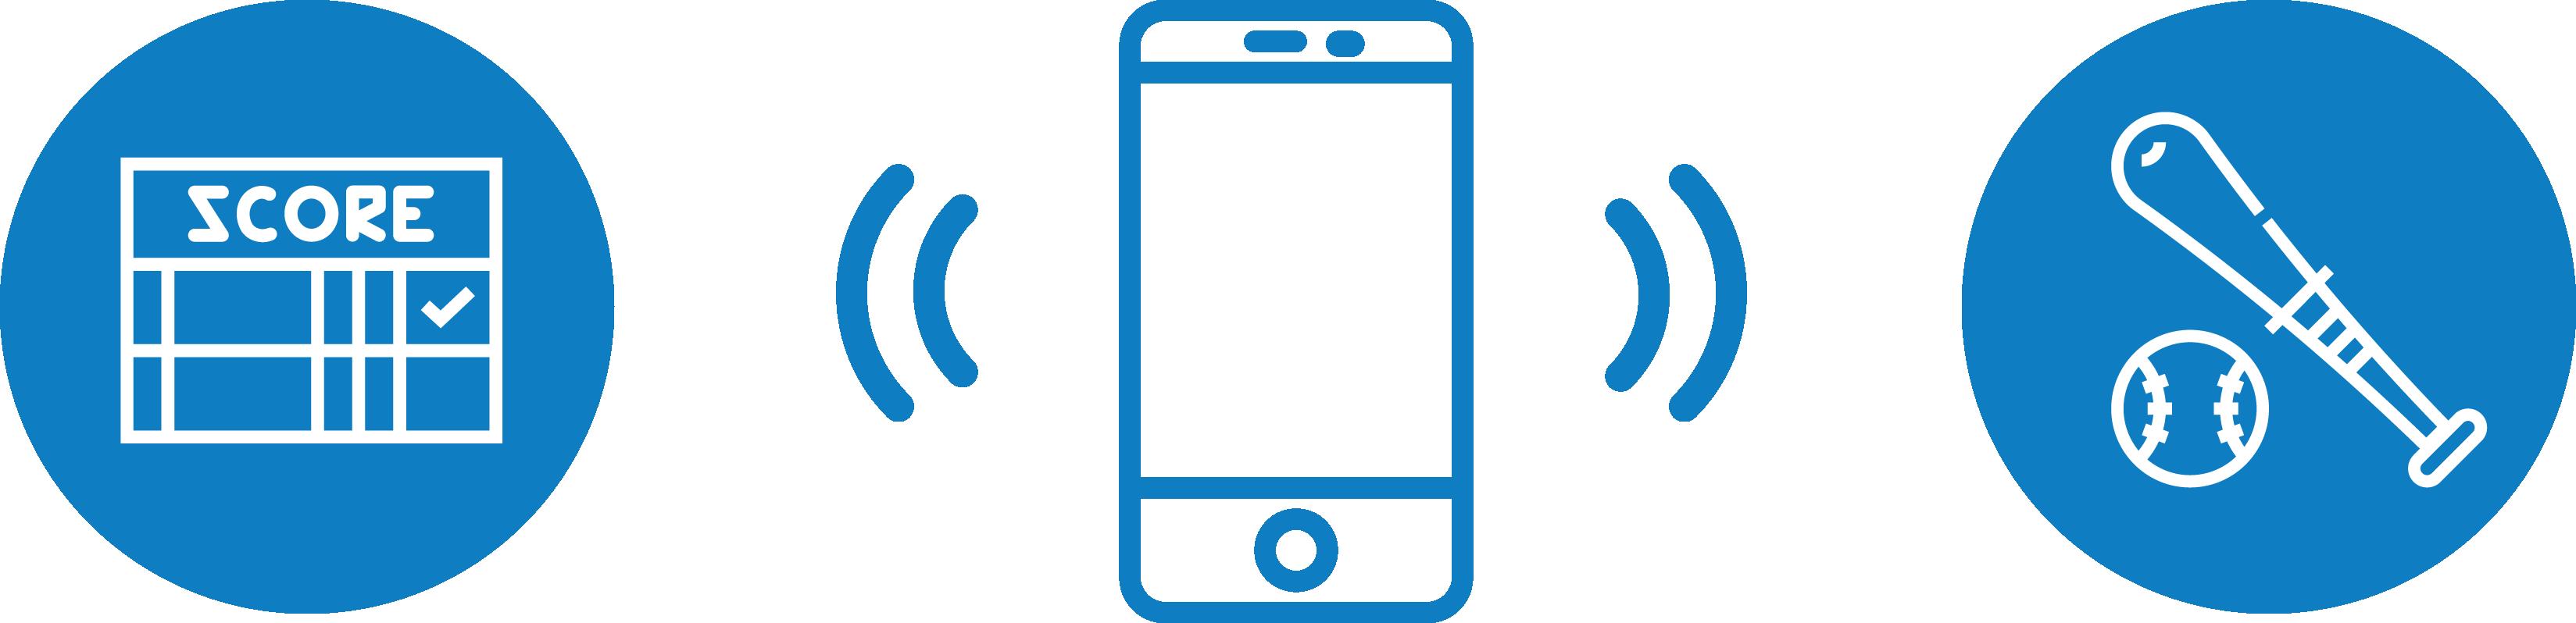 野球のスコアがスマートフォンへ連動するイメージ